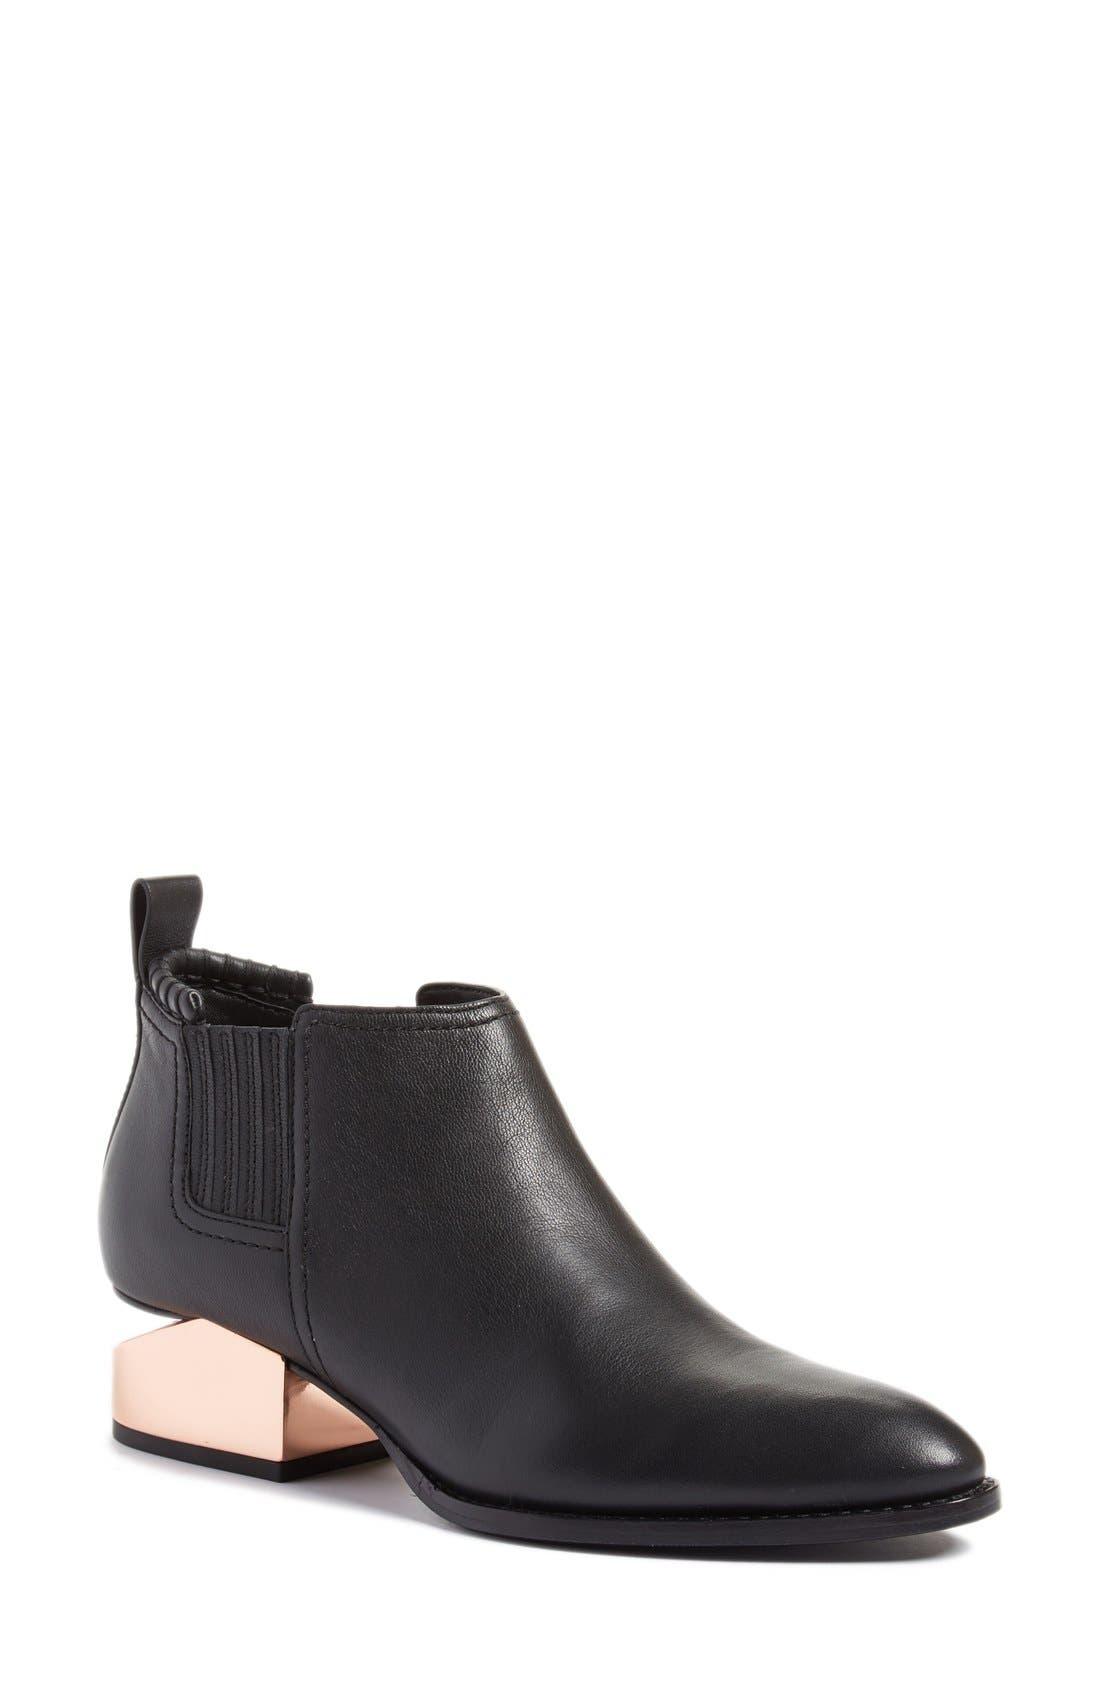 Kori Chelsea Boot,                         Main,                         color, Black